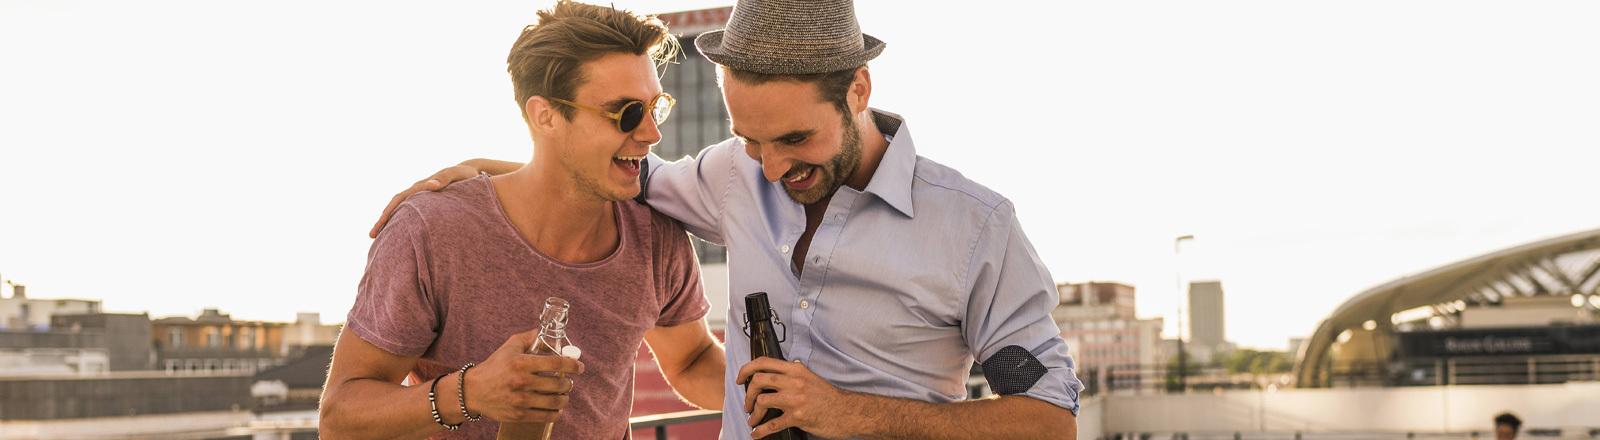 Zwei Männer auf dem Dach eines Parkdecks mit Bier in der Hand umarmen sich und reden miteinander.